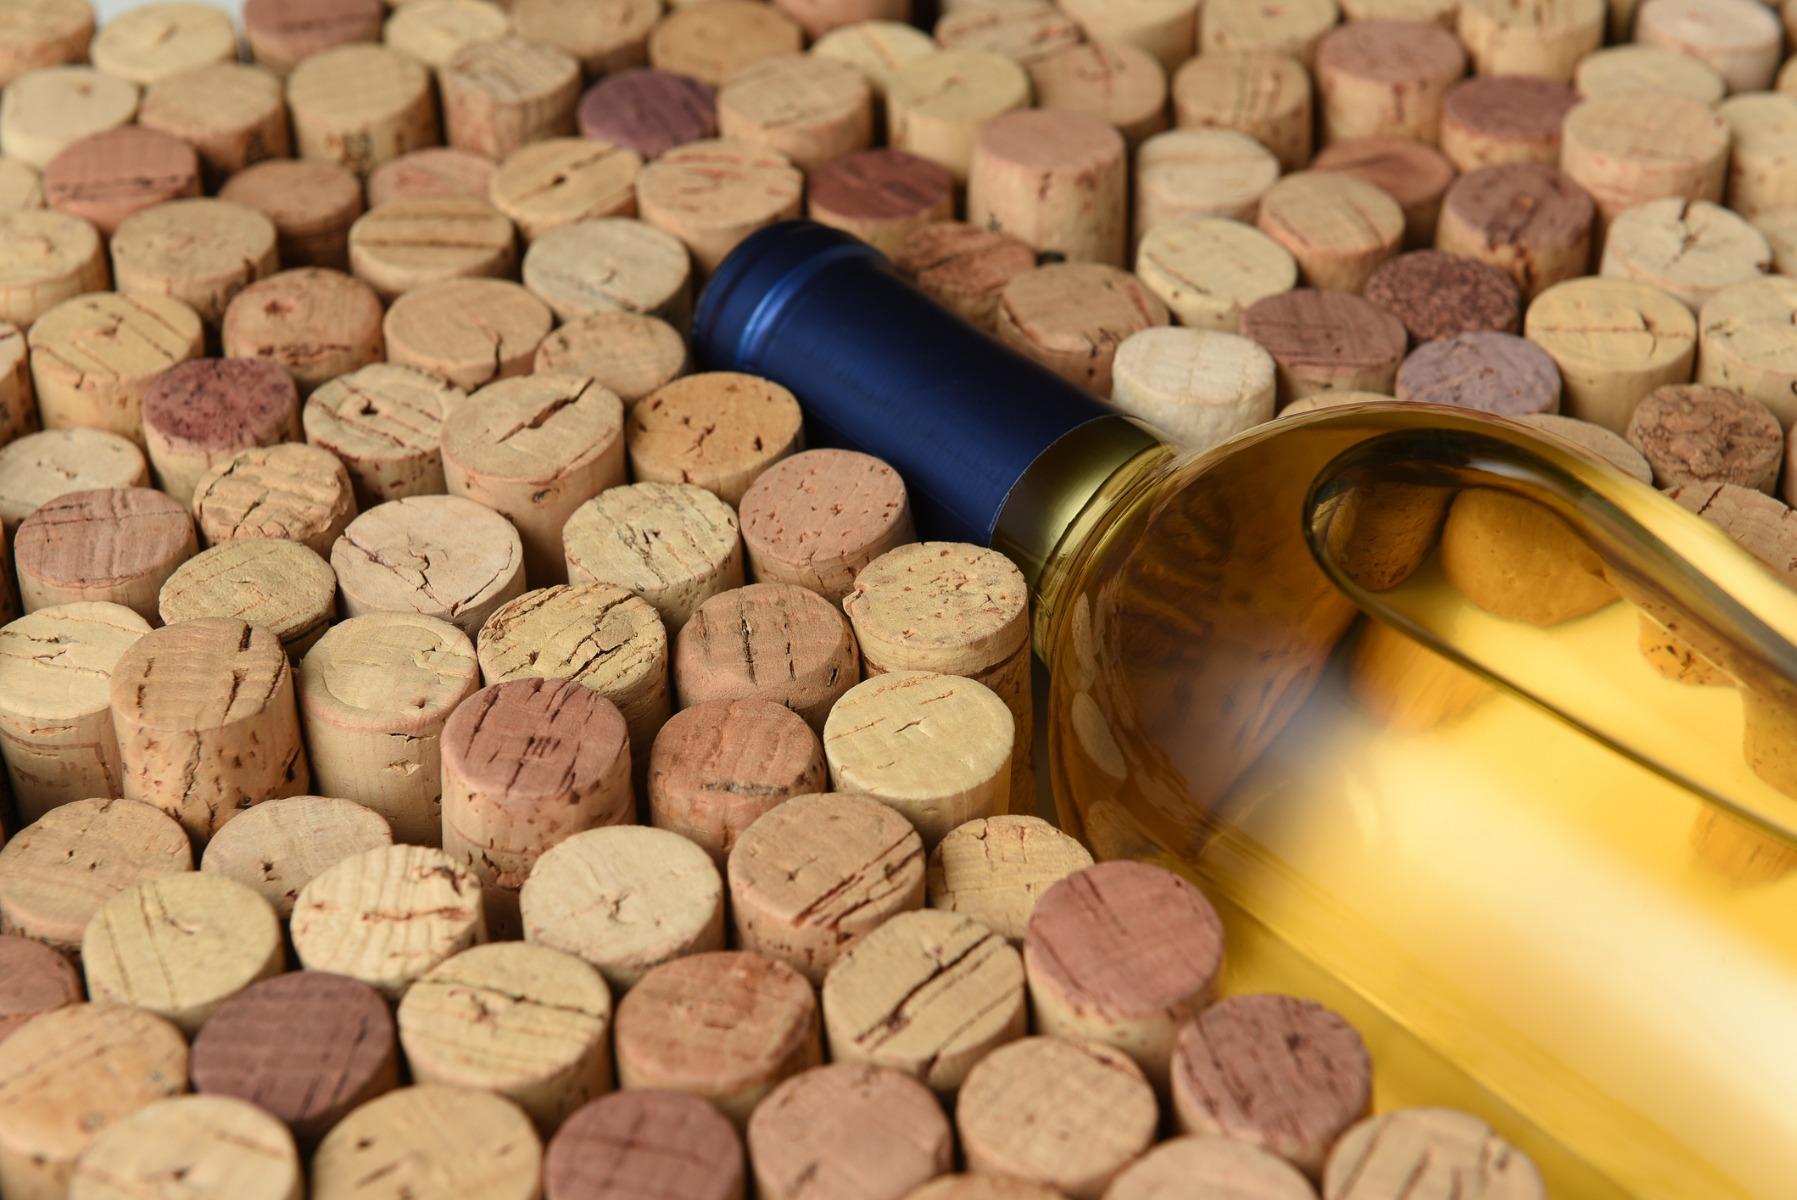 הצבע האופייני של היין לרוב יהיה צהבהב, עם נטייה קלה לירקרקות